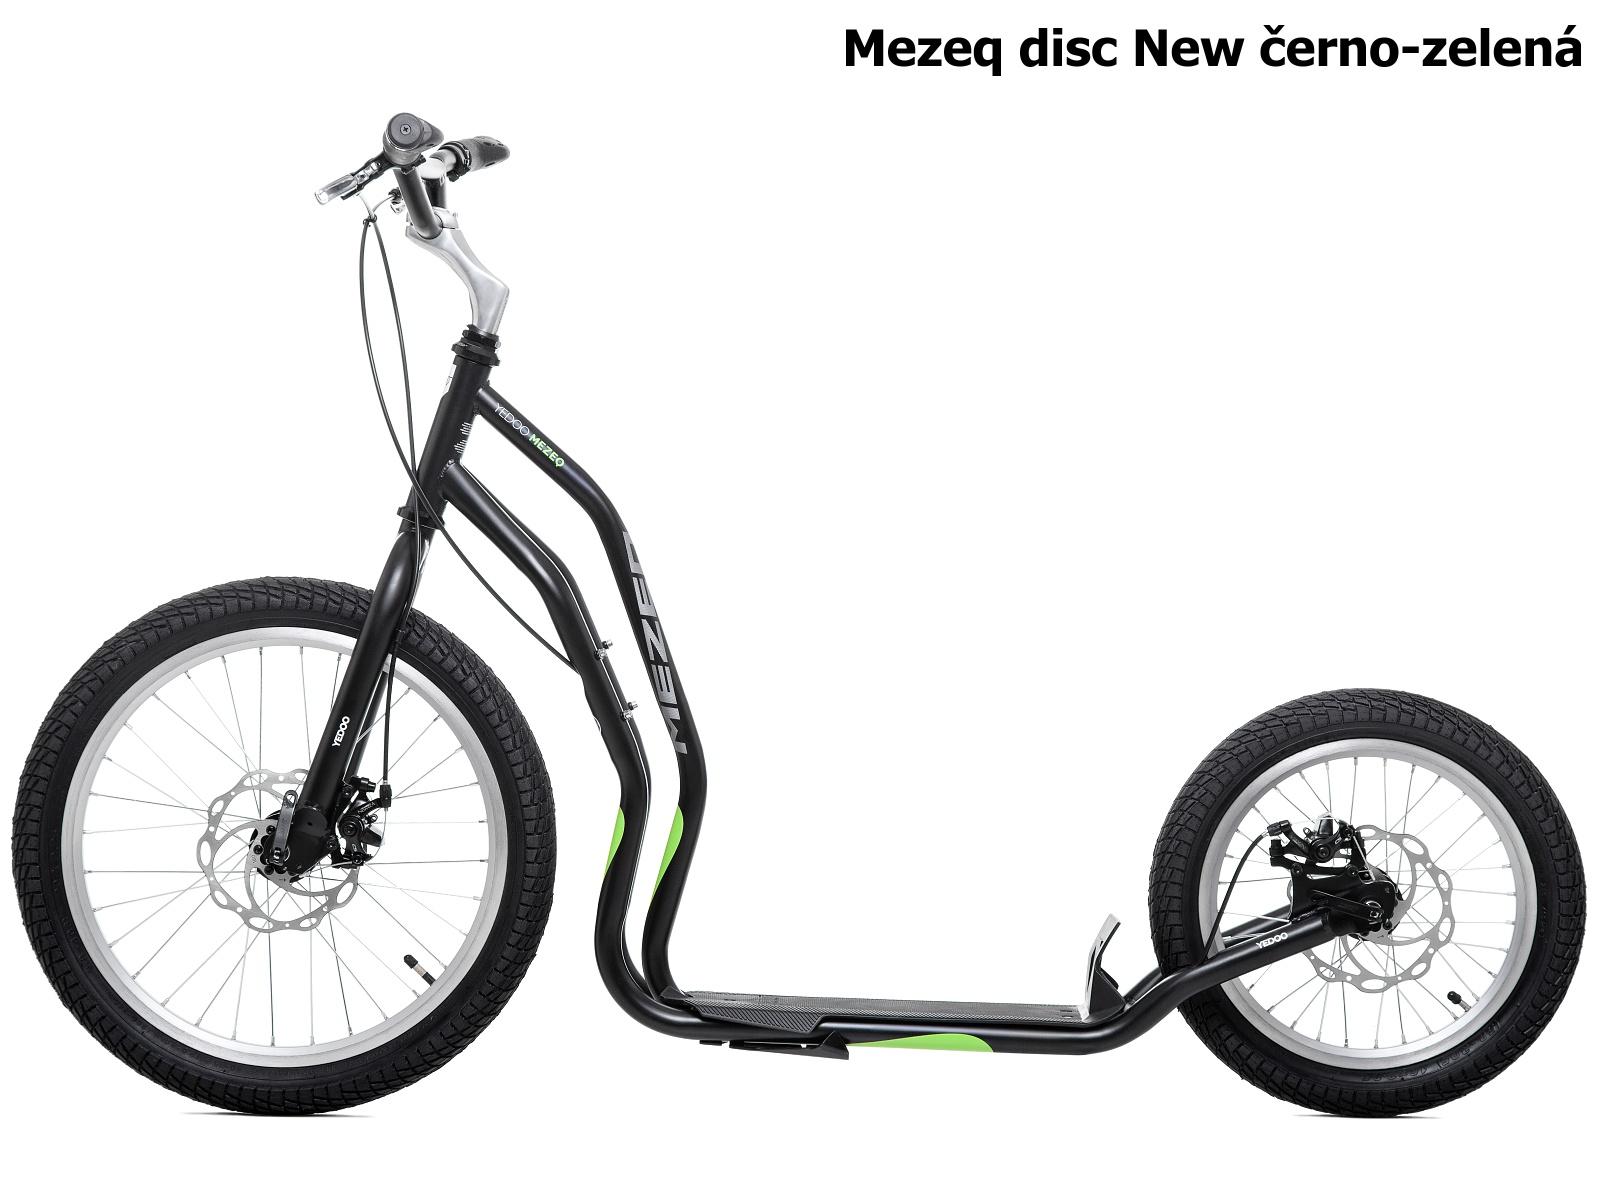 Koloběžka YEDOO Mezeq disc New 20-16 černo-zelená